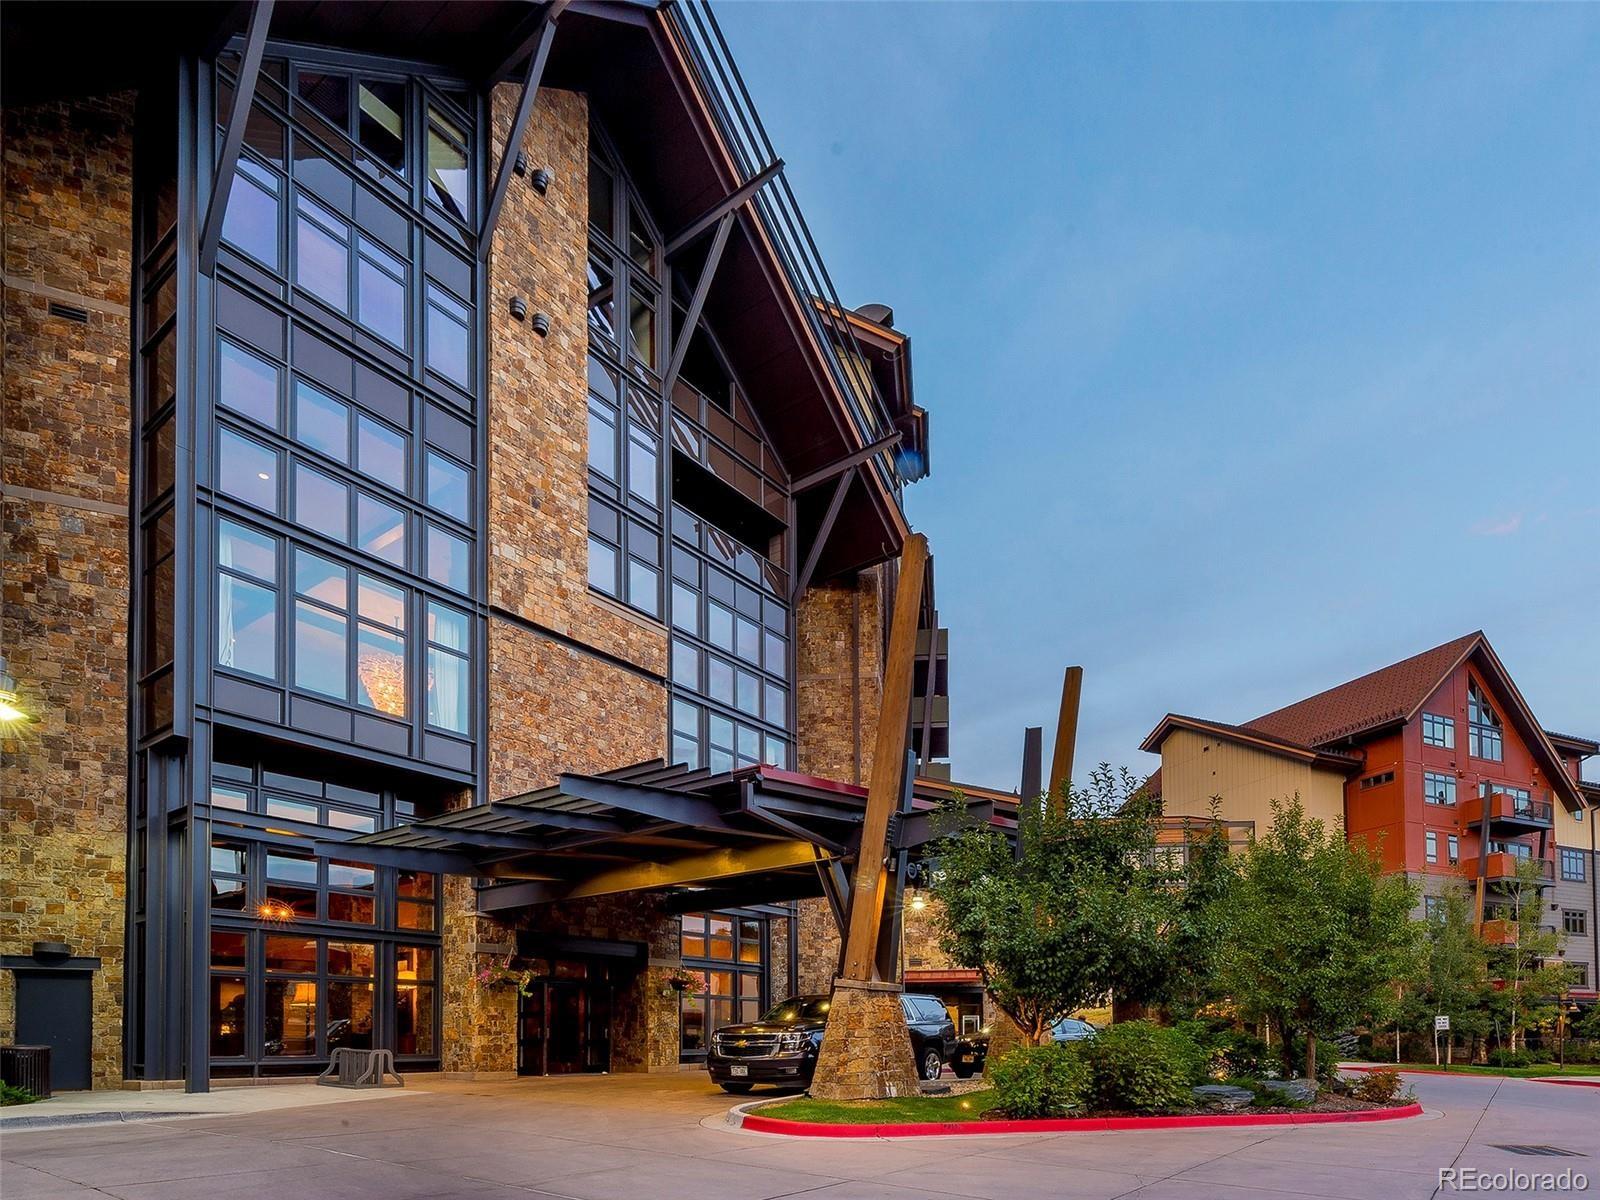 MLS# 7230921 - 1 - 2250 Apres Ski Way #403-II, Steamboat Springs, CO 80487